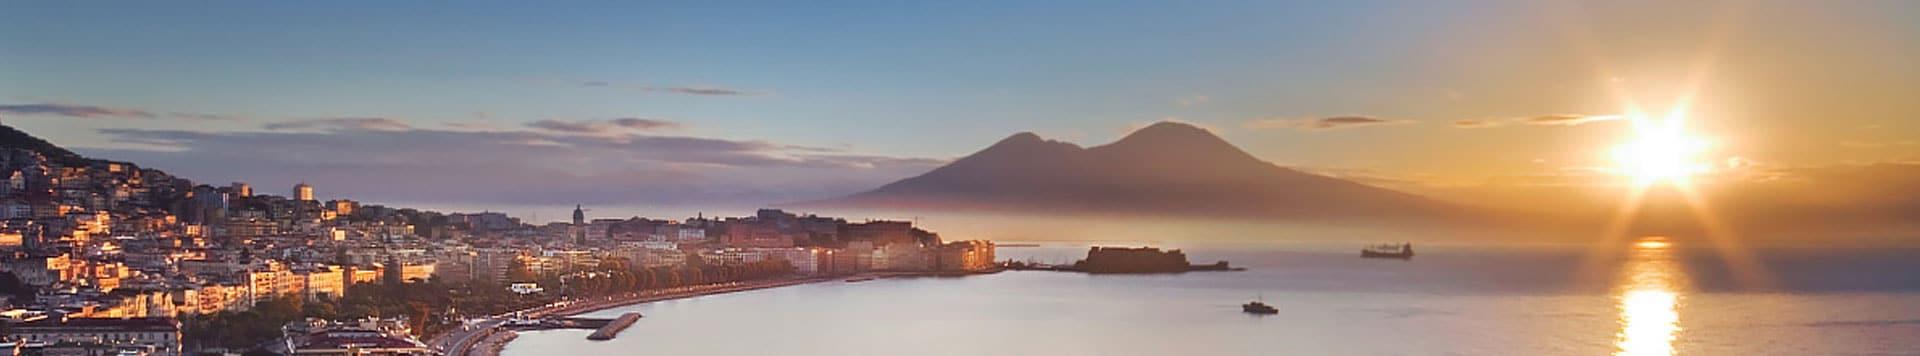 vacanza in barca Napoli, Ischia, Capri, Procida